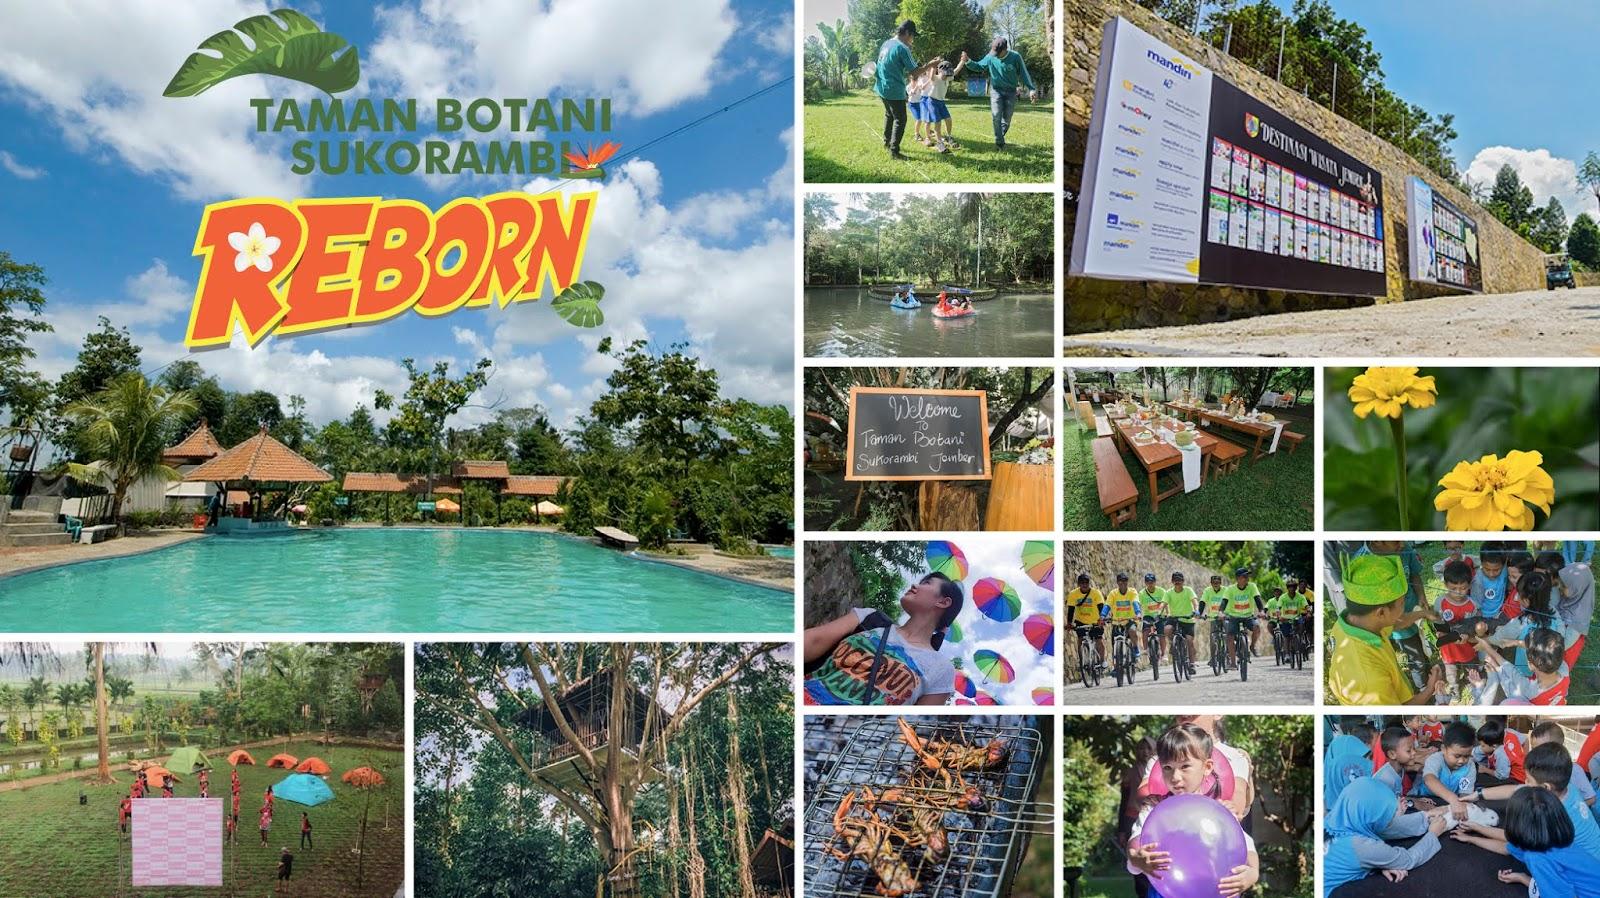 Taman Botani Sukorambi Destinasi Wisata Edukasi Keluarga Kabupaten